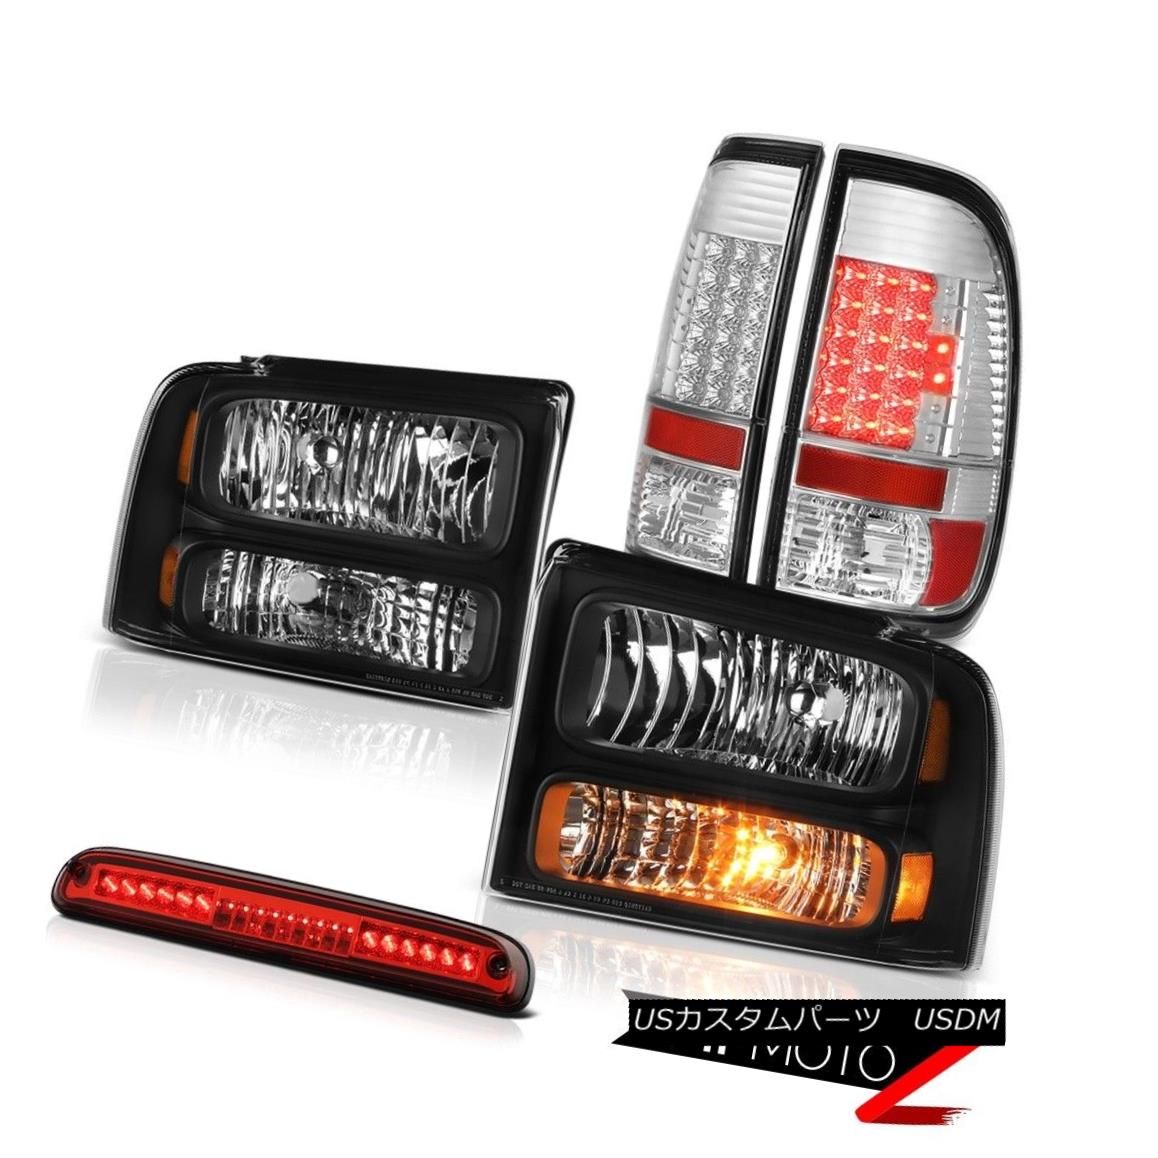 テールライト 05-07 F250 Lariat Black Diamond Headlight SMD Rear Tail Lights 3rd Brake Red LED 05-07 F250リアタットブラックダイヤモンドヘッドライトSMDリアテールライト第3ブレーキ赤色LED